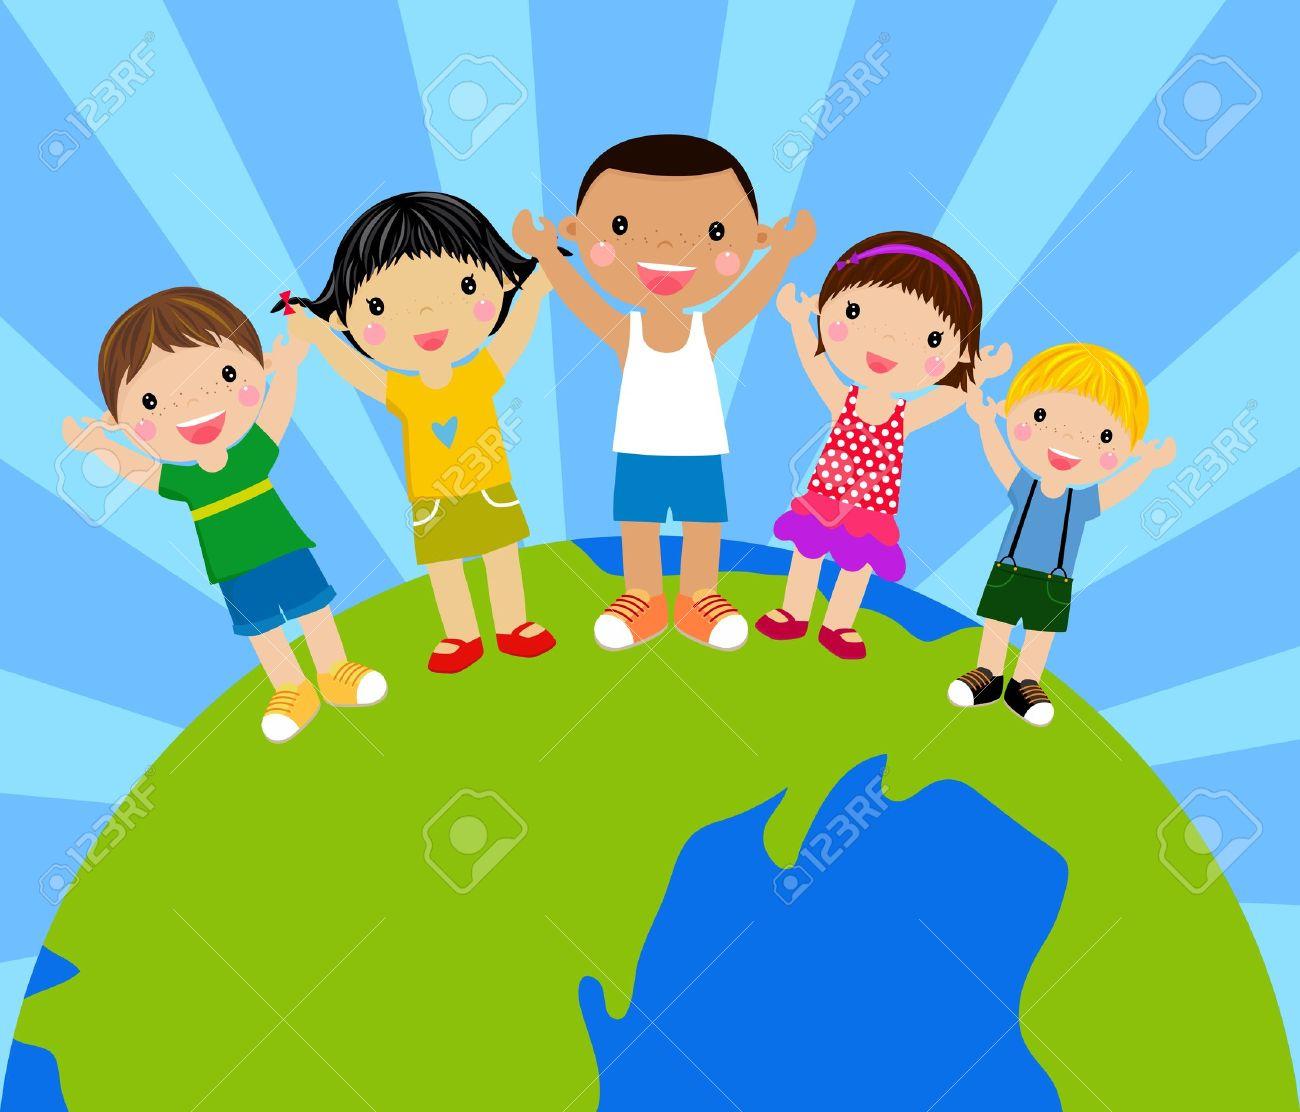 Dibujos Animados Para Niños Tomados De Las Manos Alrededor De Un